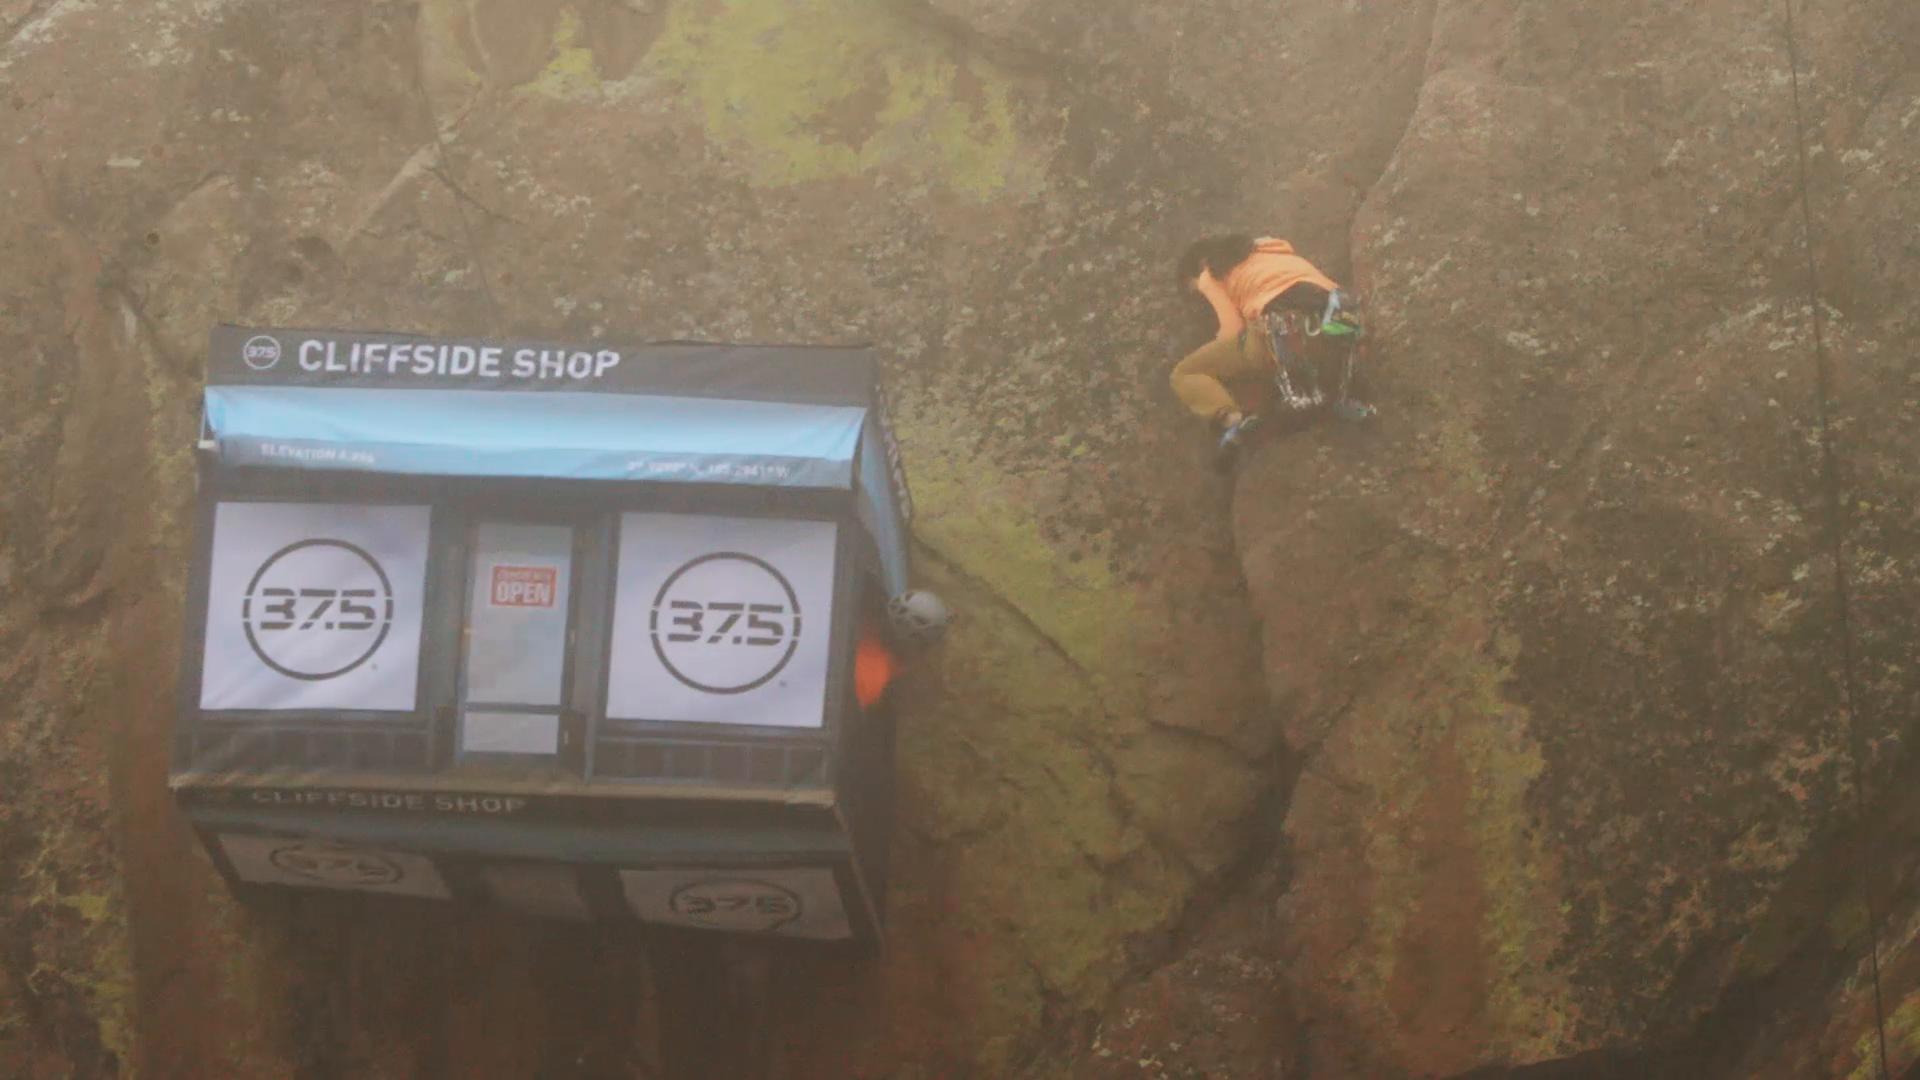 Thumbnail for Cliffside Shop